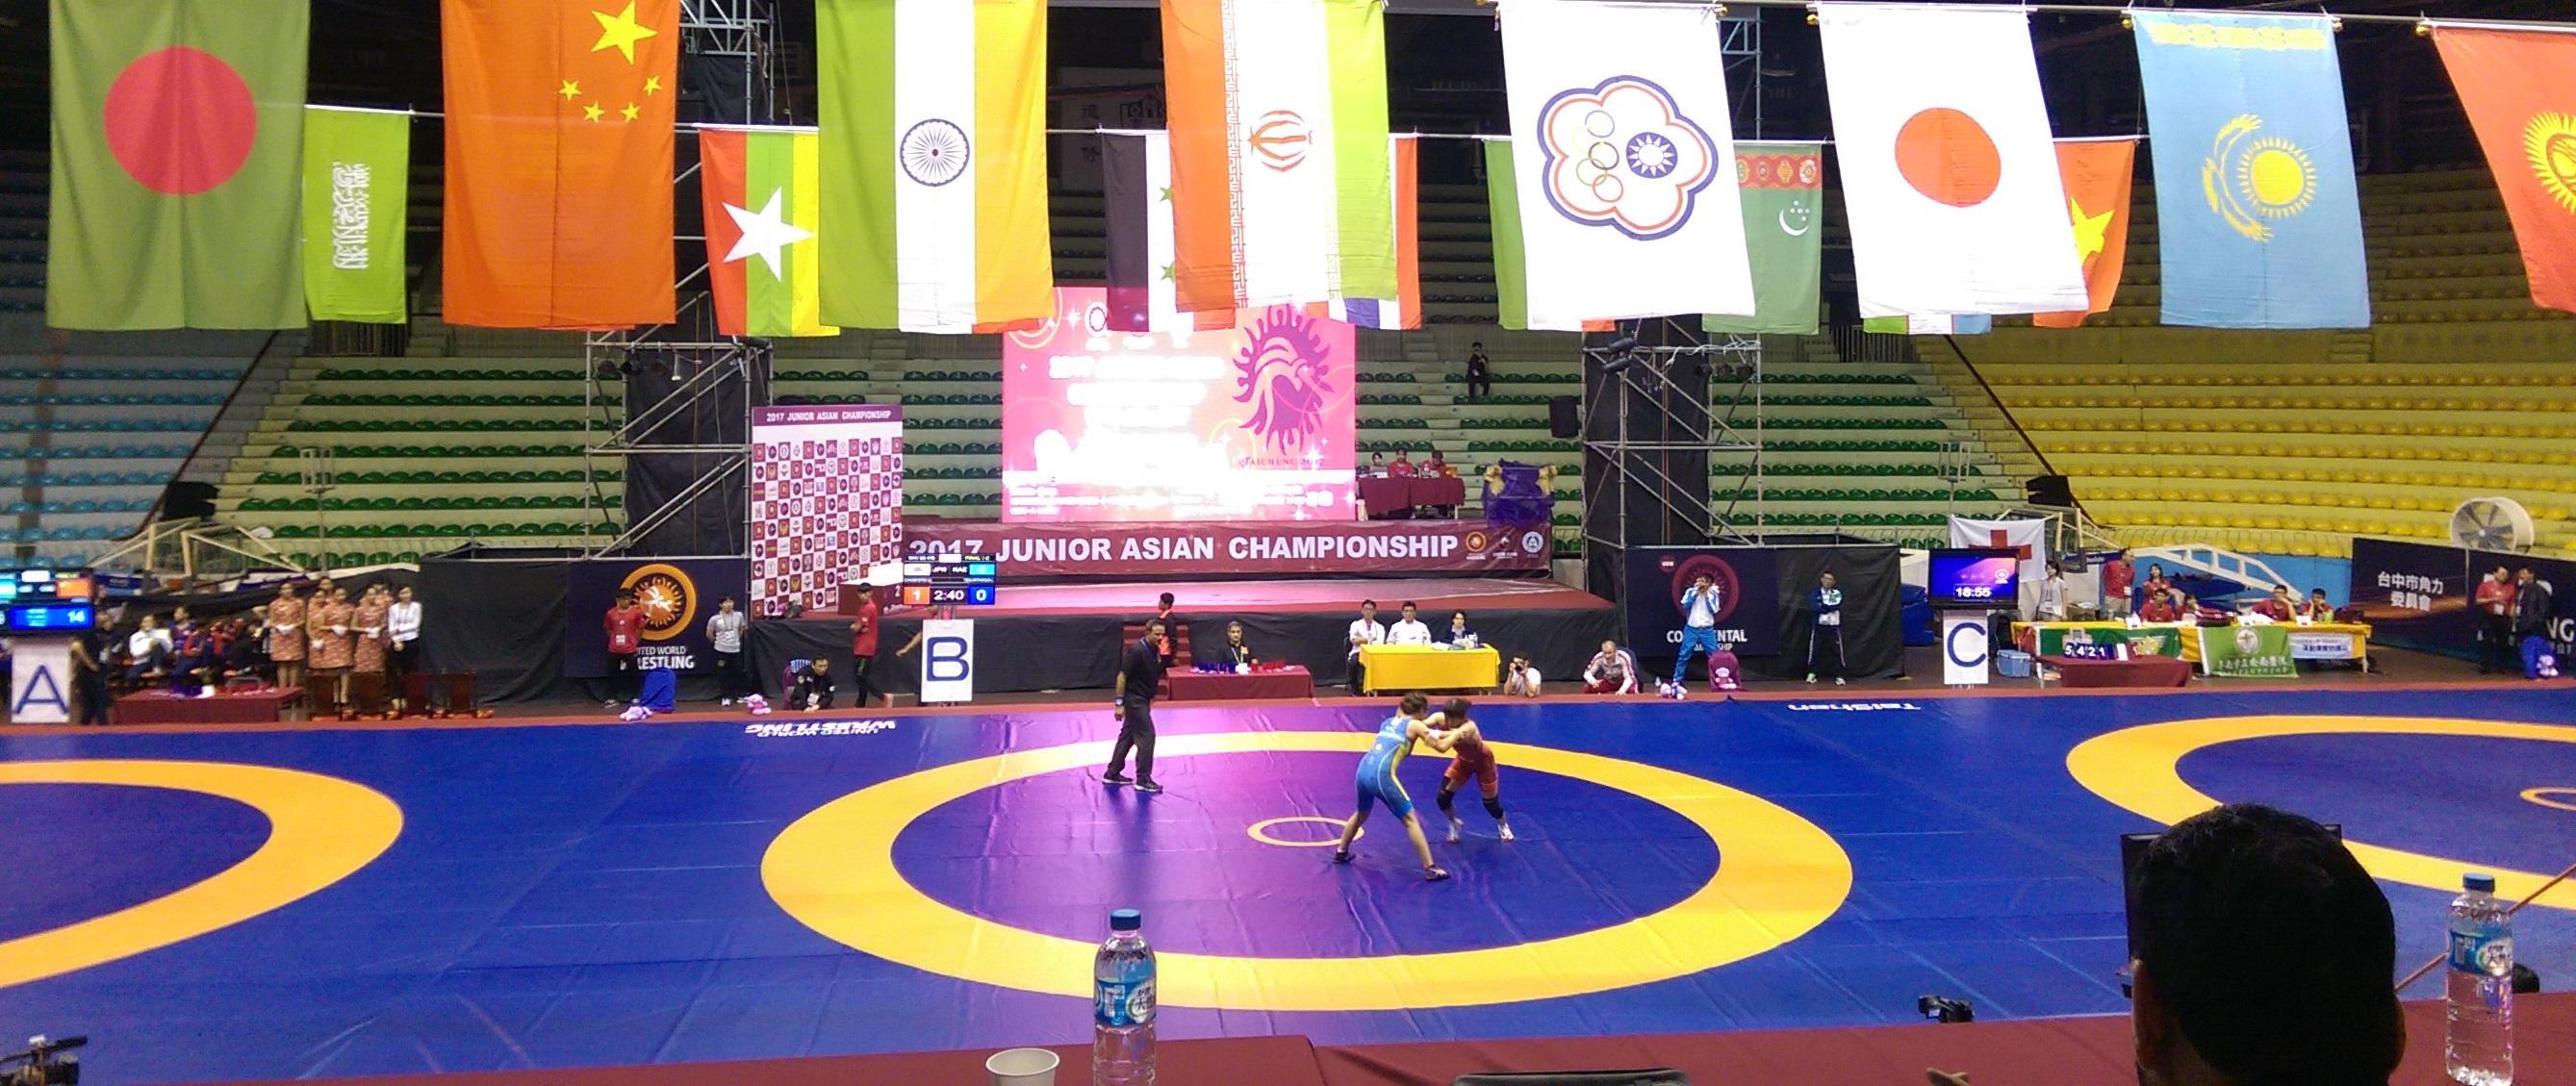 【採訪特稿】2017 亞洲青年角力錦標賽 - 短訪印度代表隊